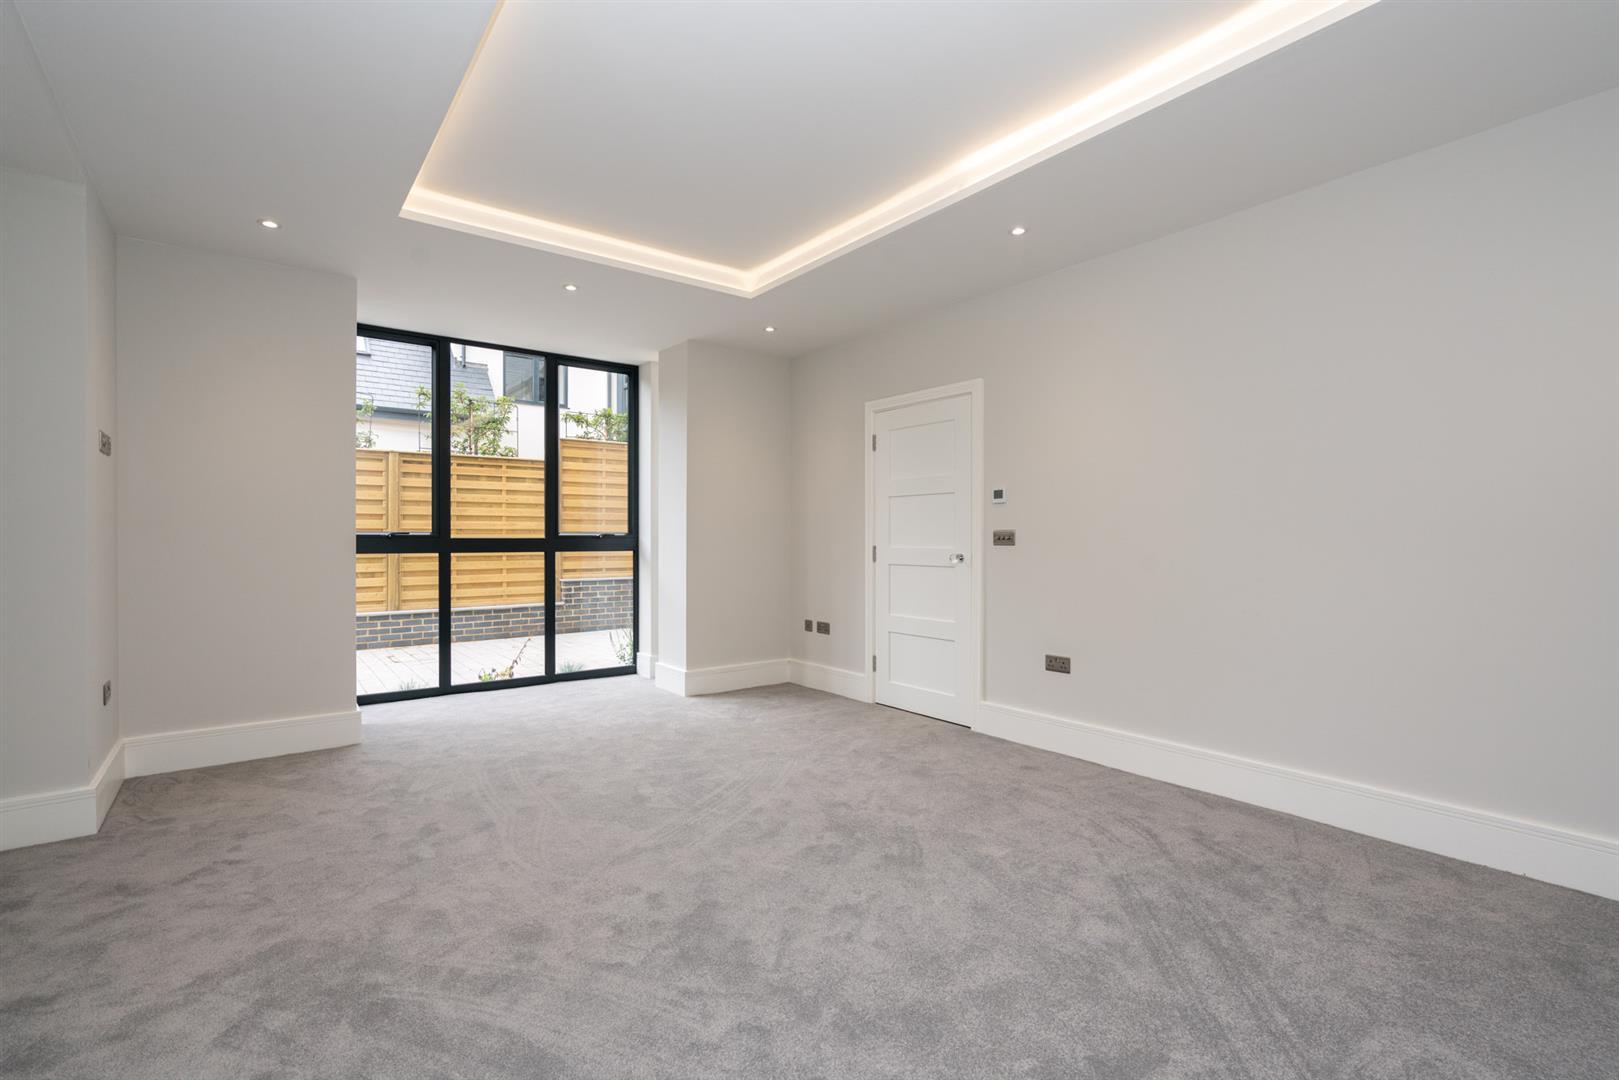 Hillcrest-3130 - living room 1.jpg